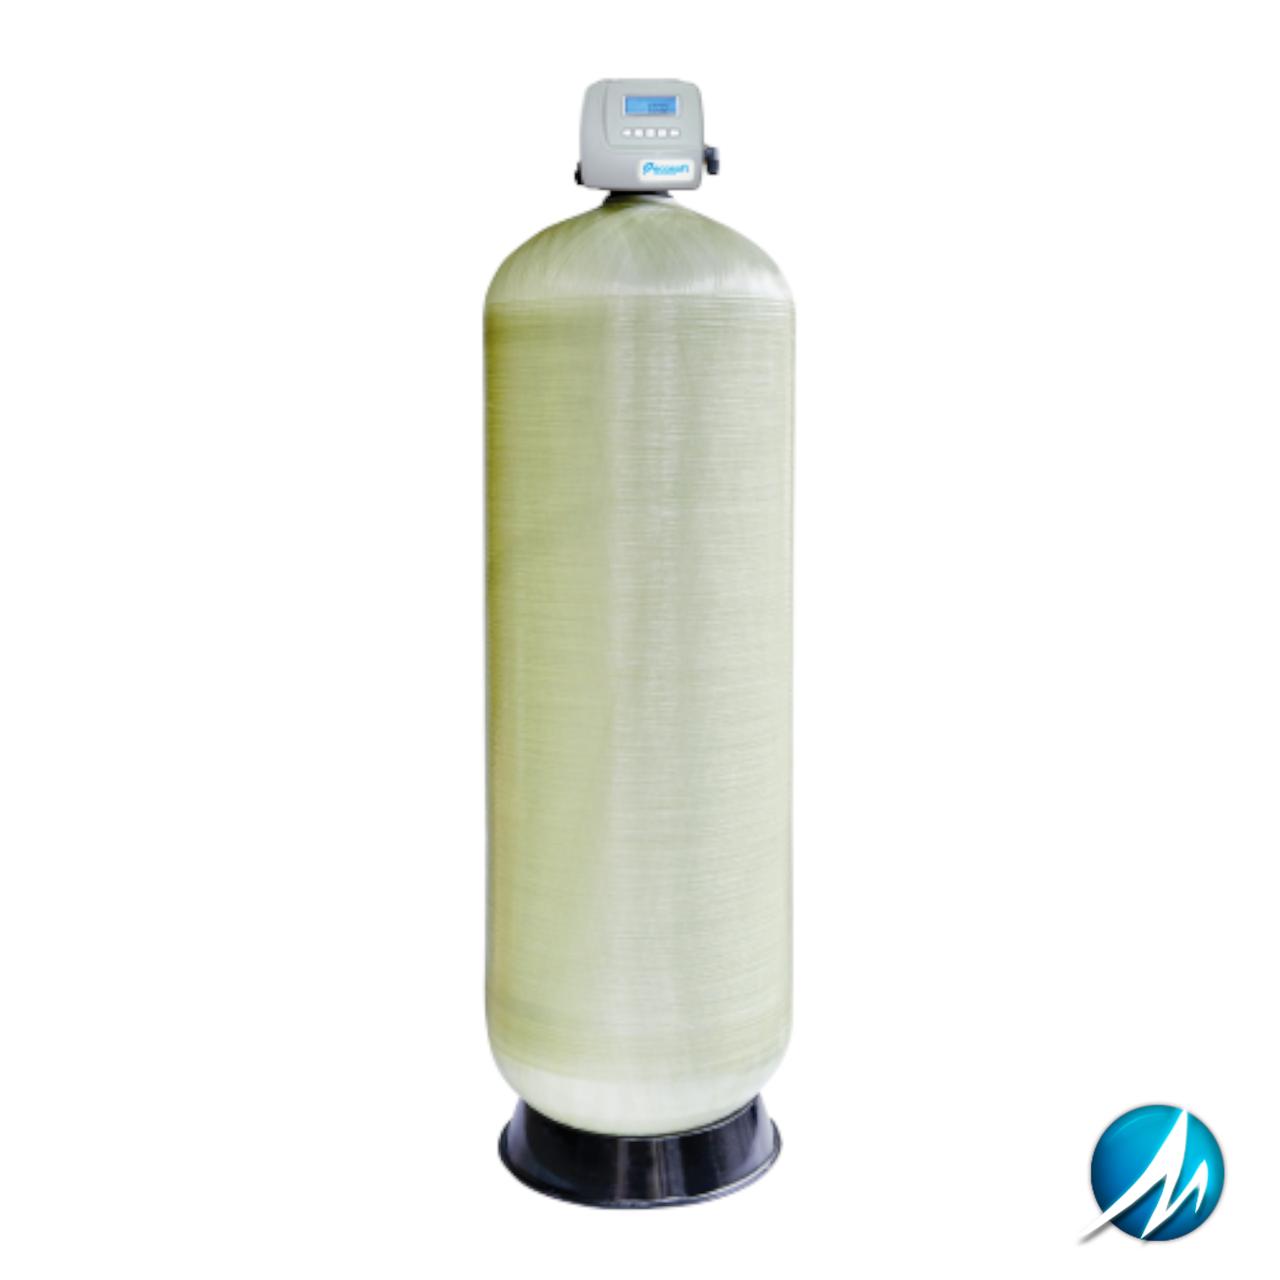 FP4272-2H фільтр механічного очищення Ecosoft